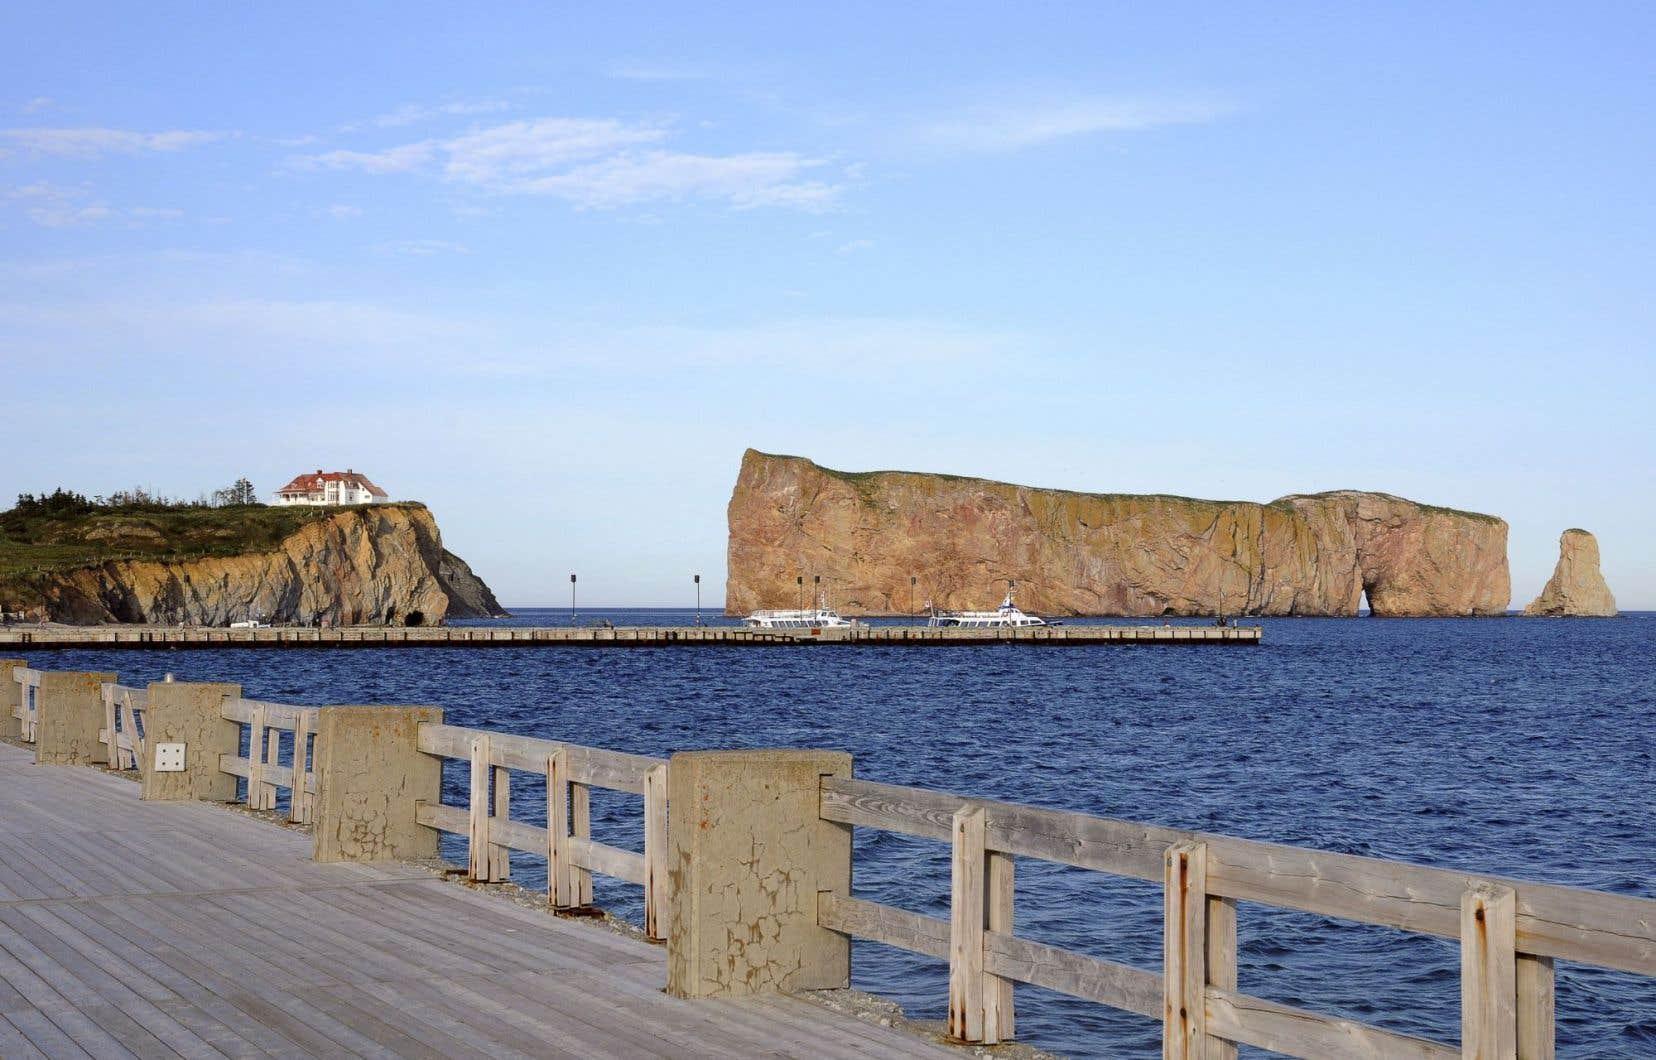 À Percé, un mur de béton soutient une promenade avec vue sur le rocher Percé. L'infrastructure, en fin de vie, est désormais vulnérable.